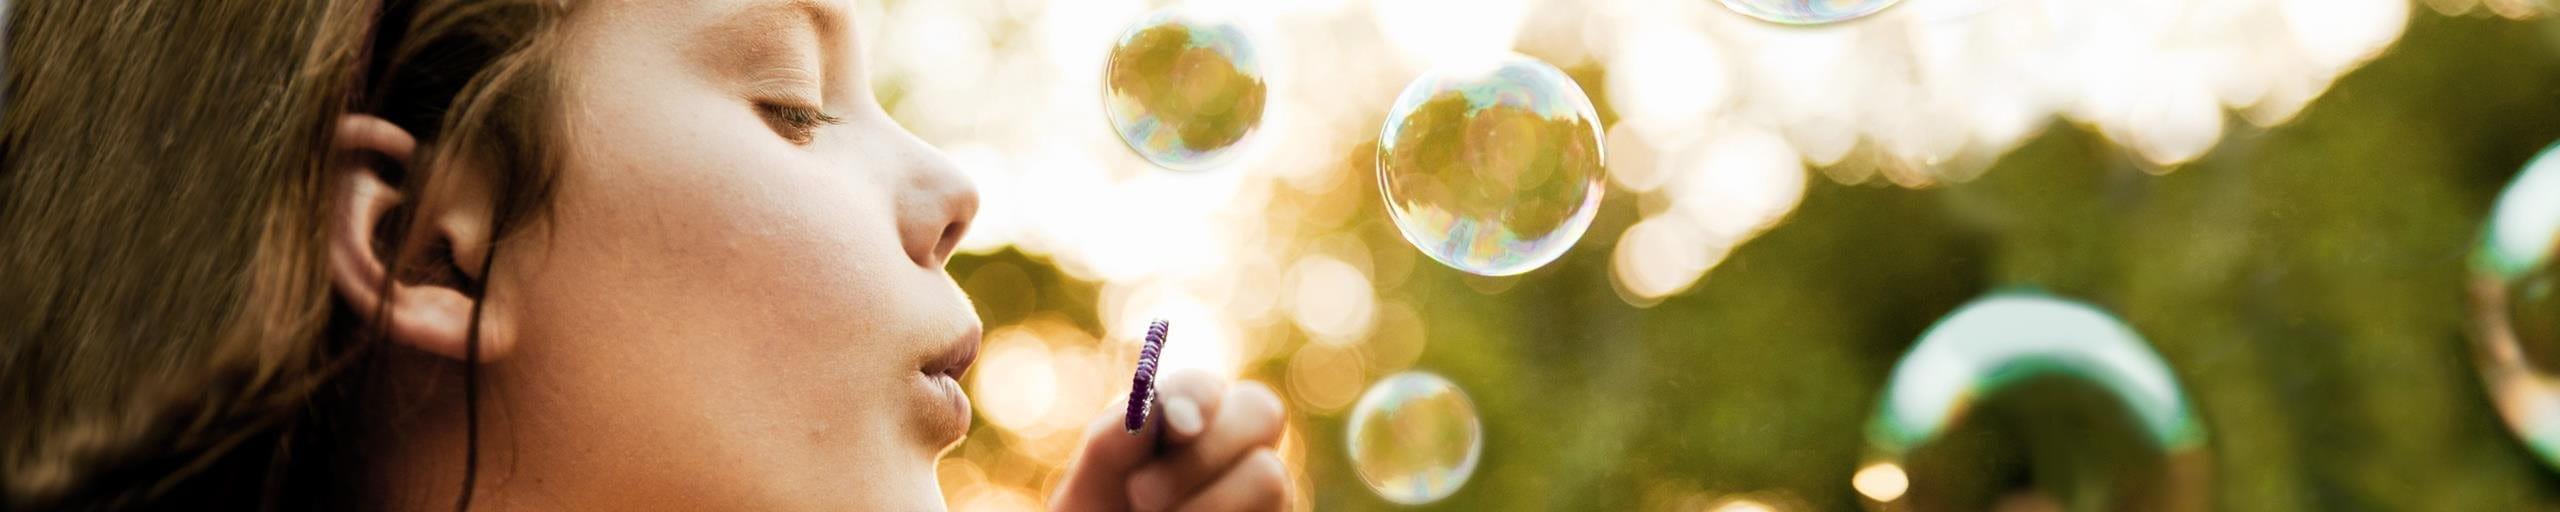 Ein Mädchen macht Seifenblasen.